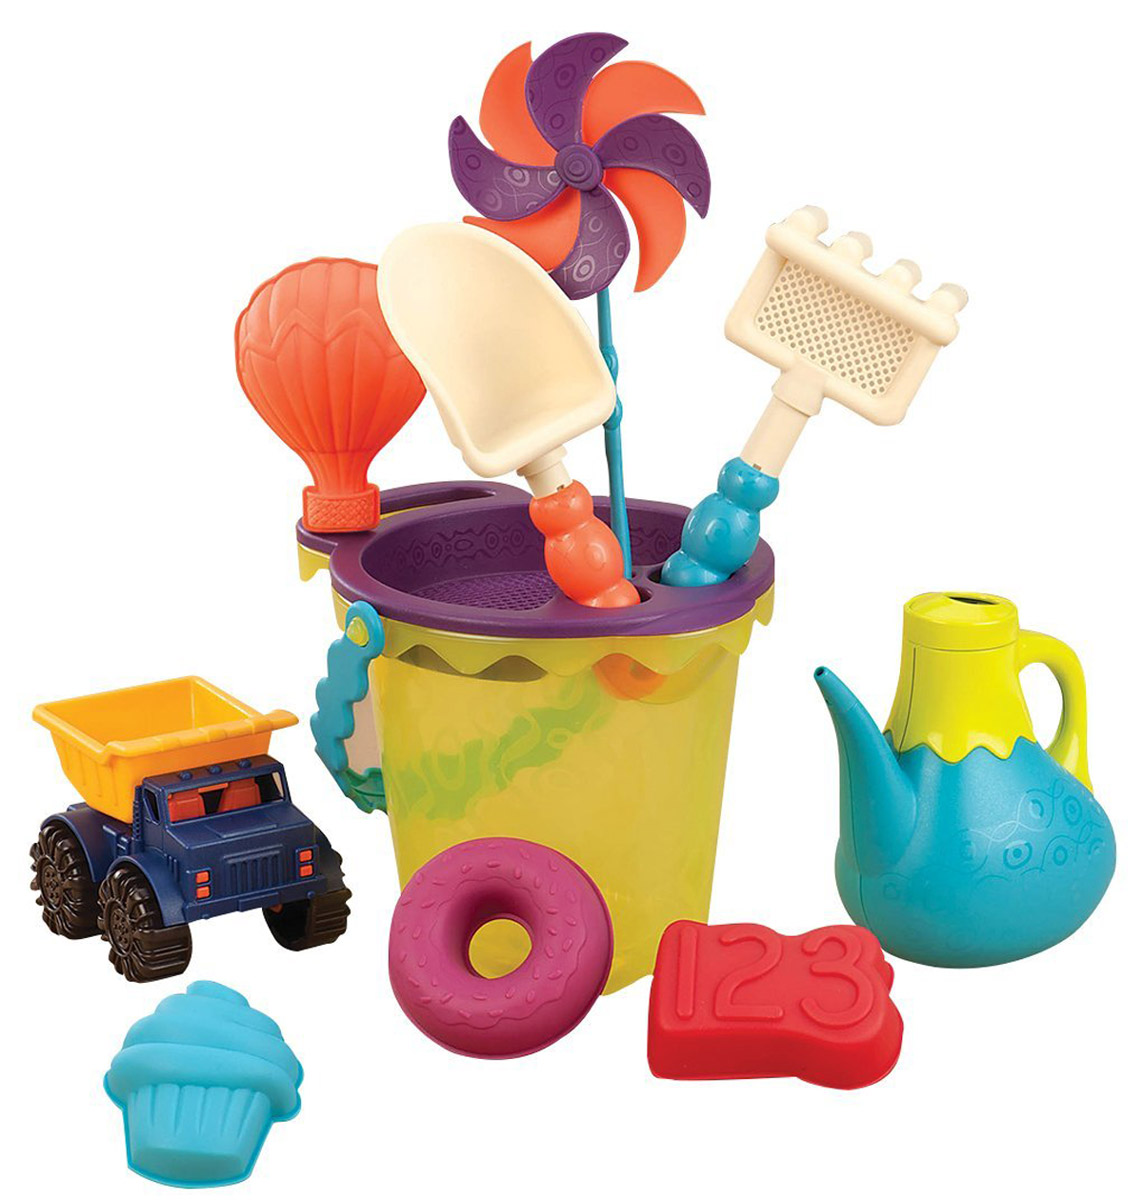 B.Summer Набор для песка Ready Beach Bag цвет зеленый 12 предметов - Игры на открытом воздухе